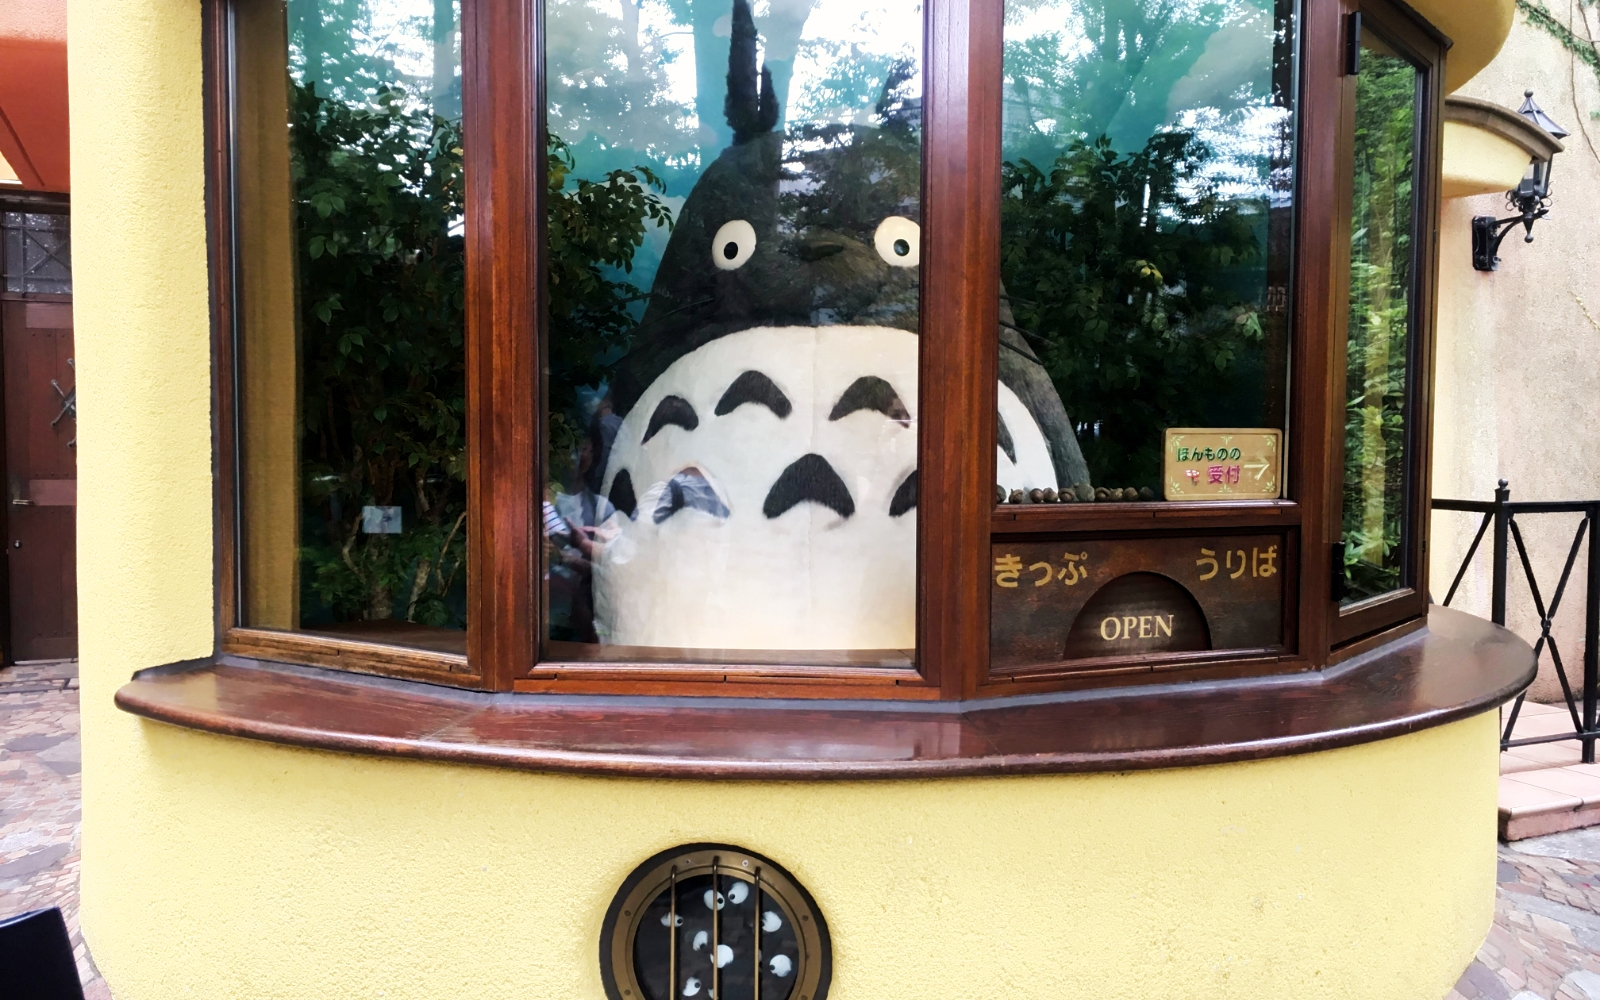 Totoro - Exploring the Studio Ghibli Museum